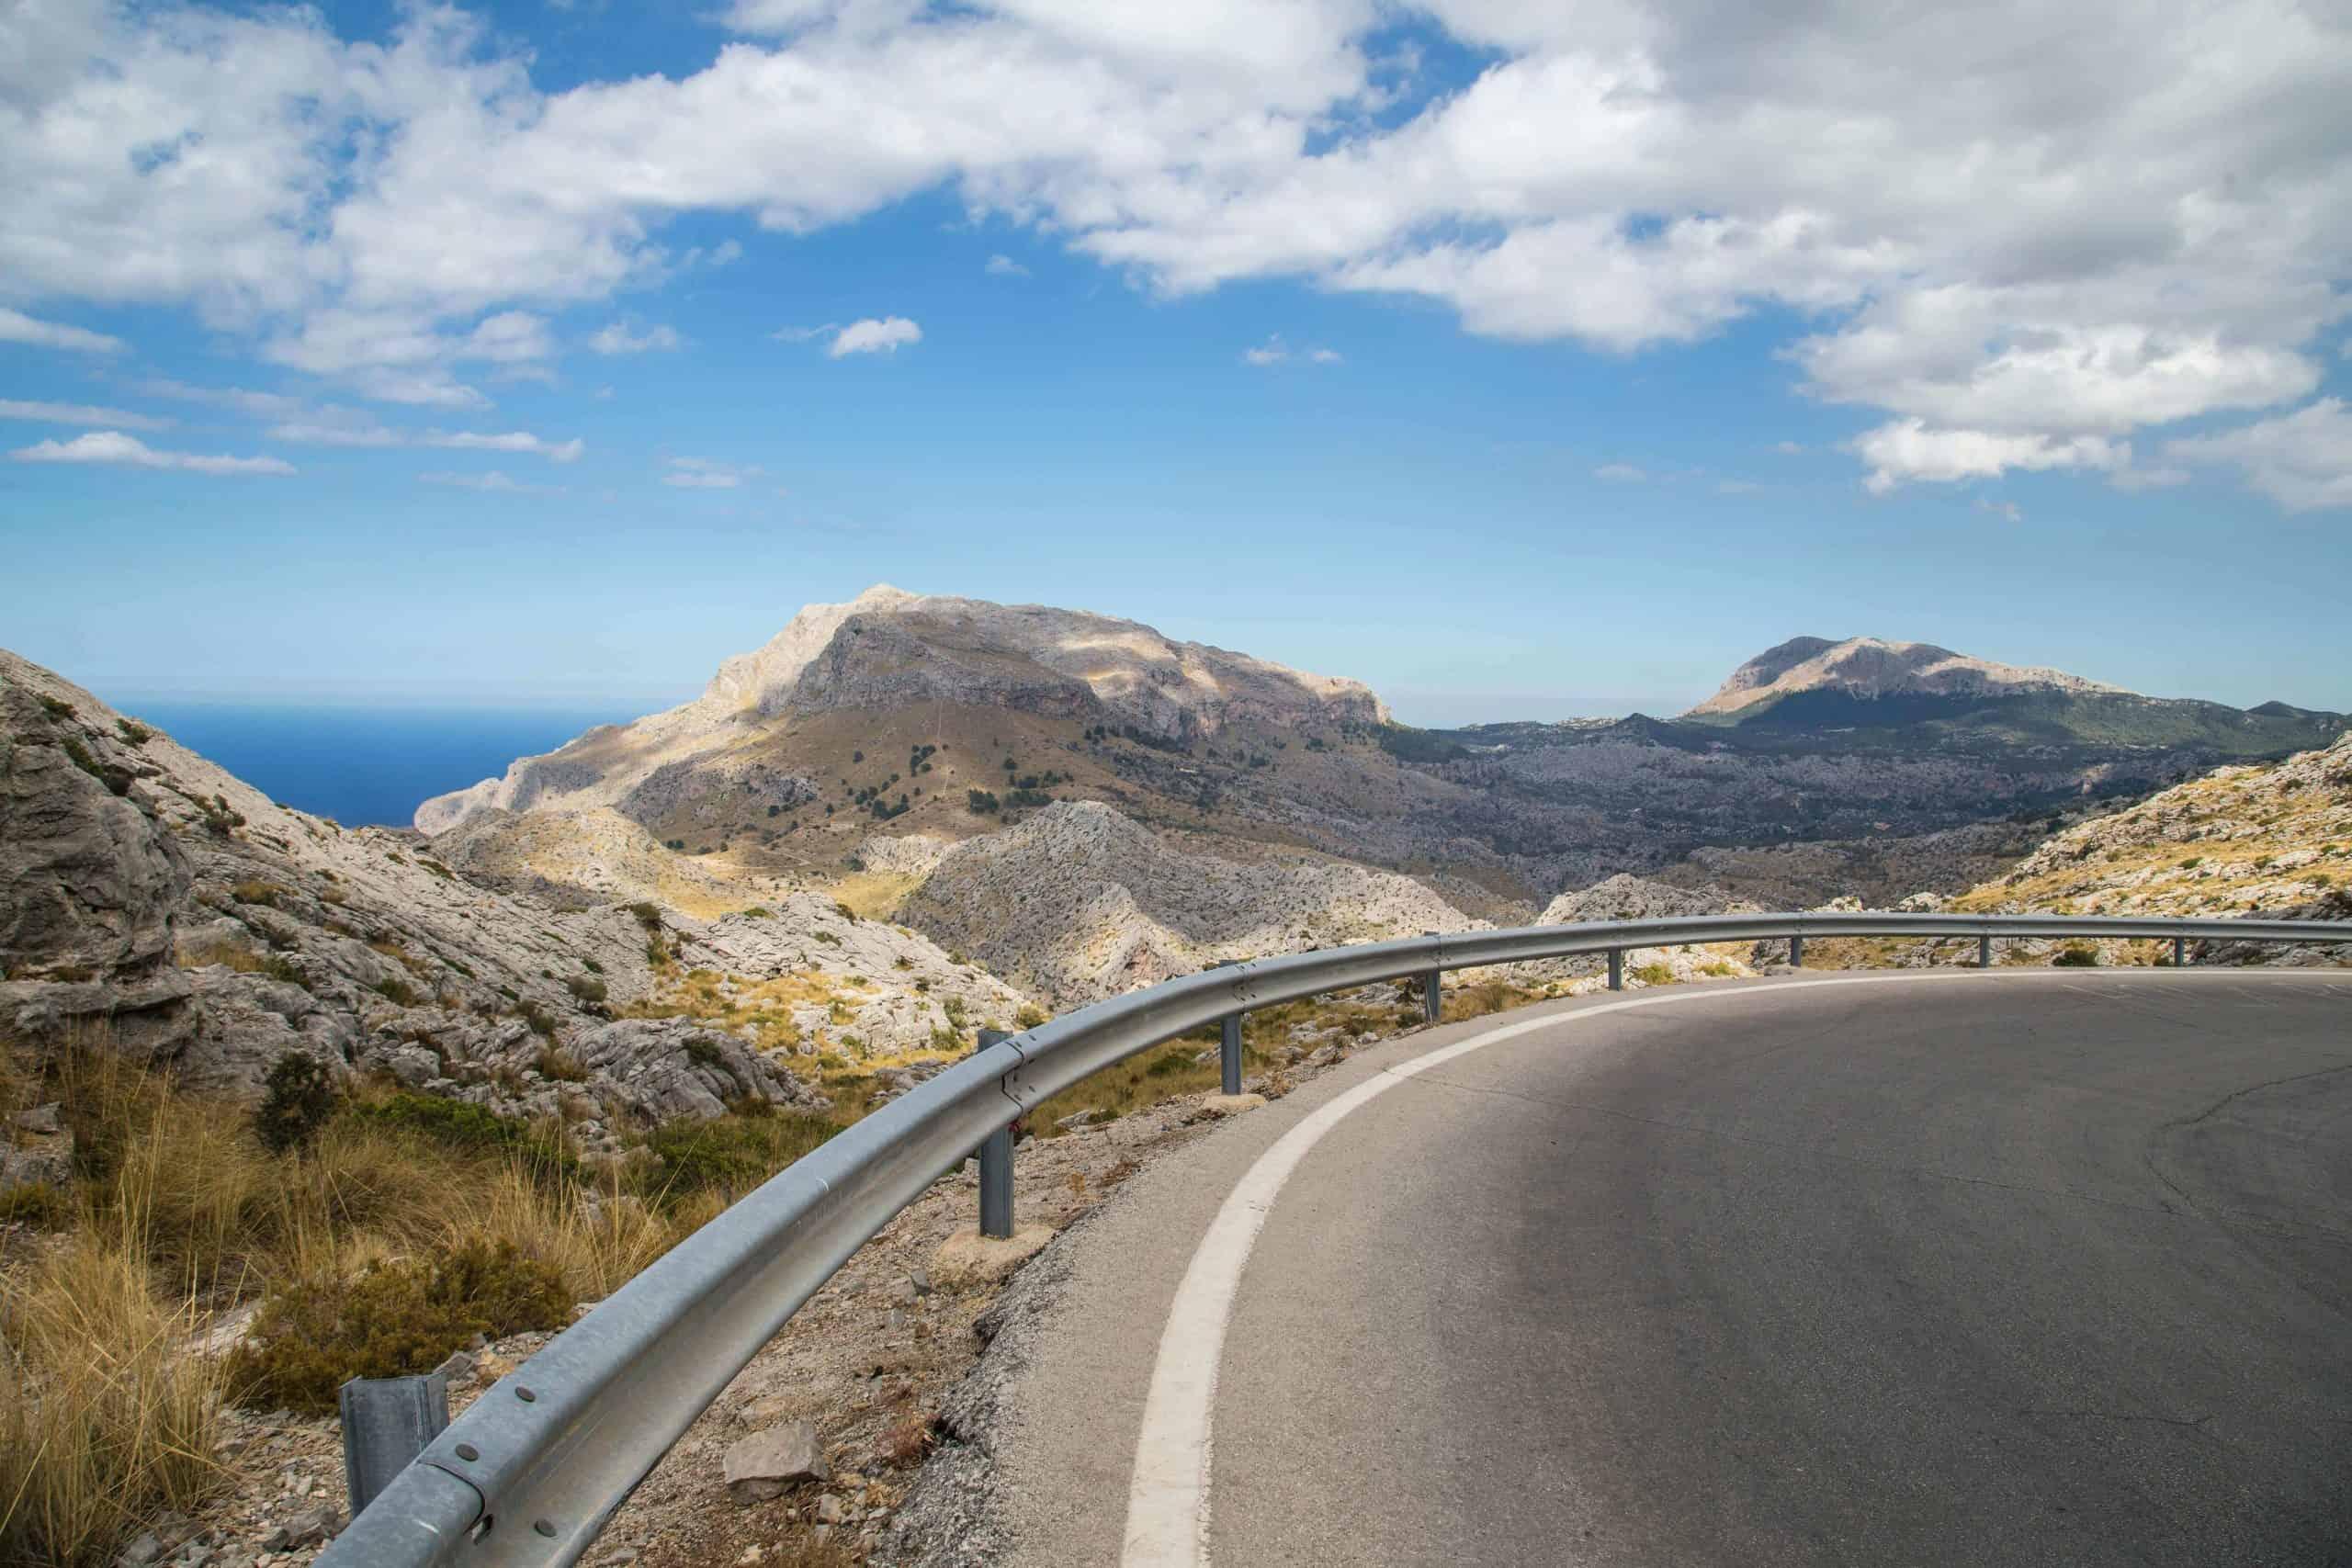 View of the road at Sa Calobra in Mallorca